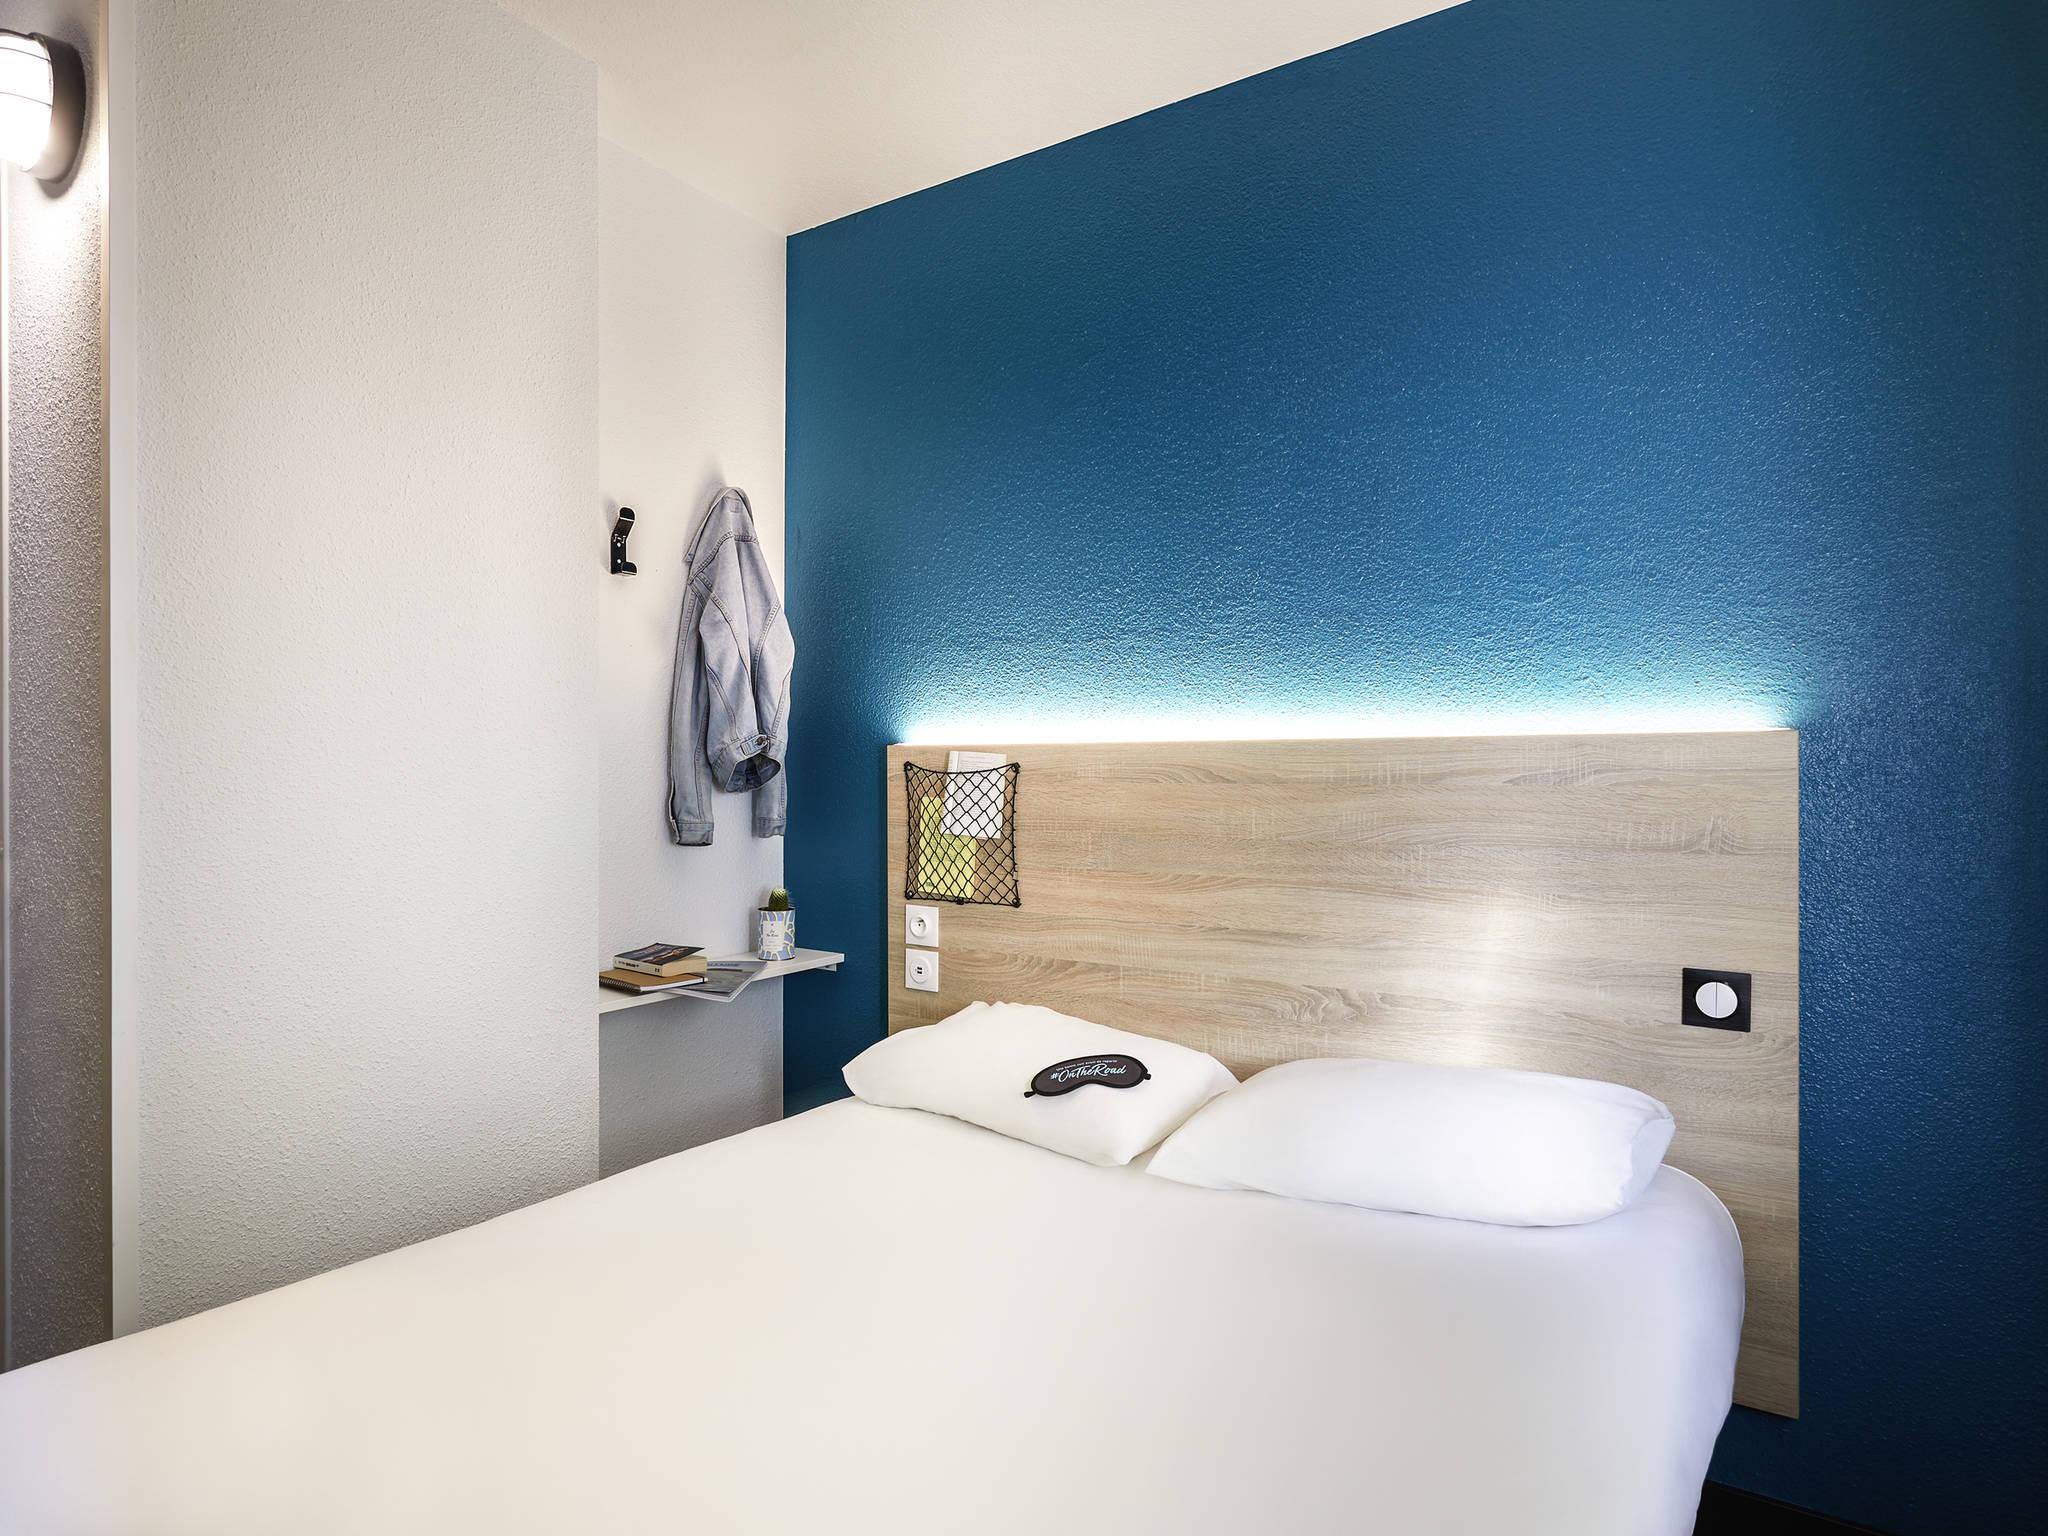 Отель — hotelF1 Gennevilliers Asnières (rénové)